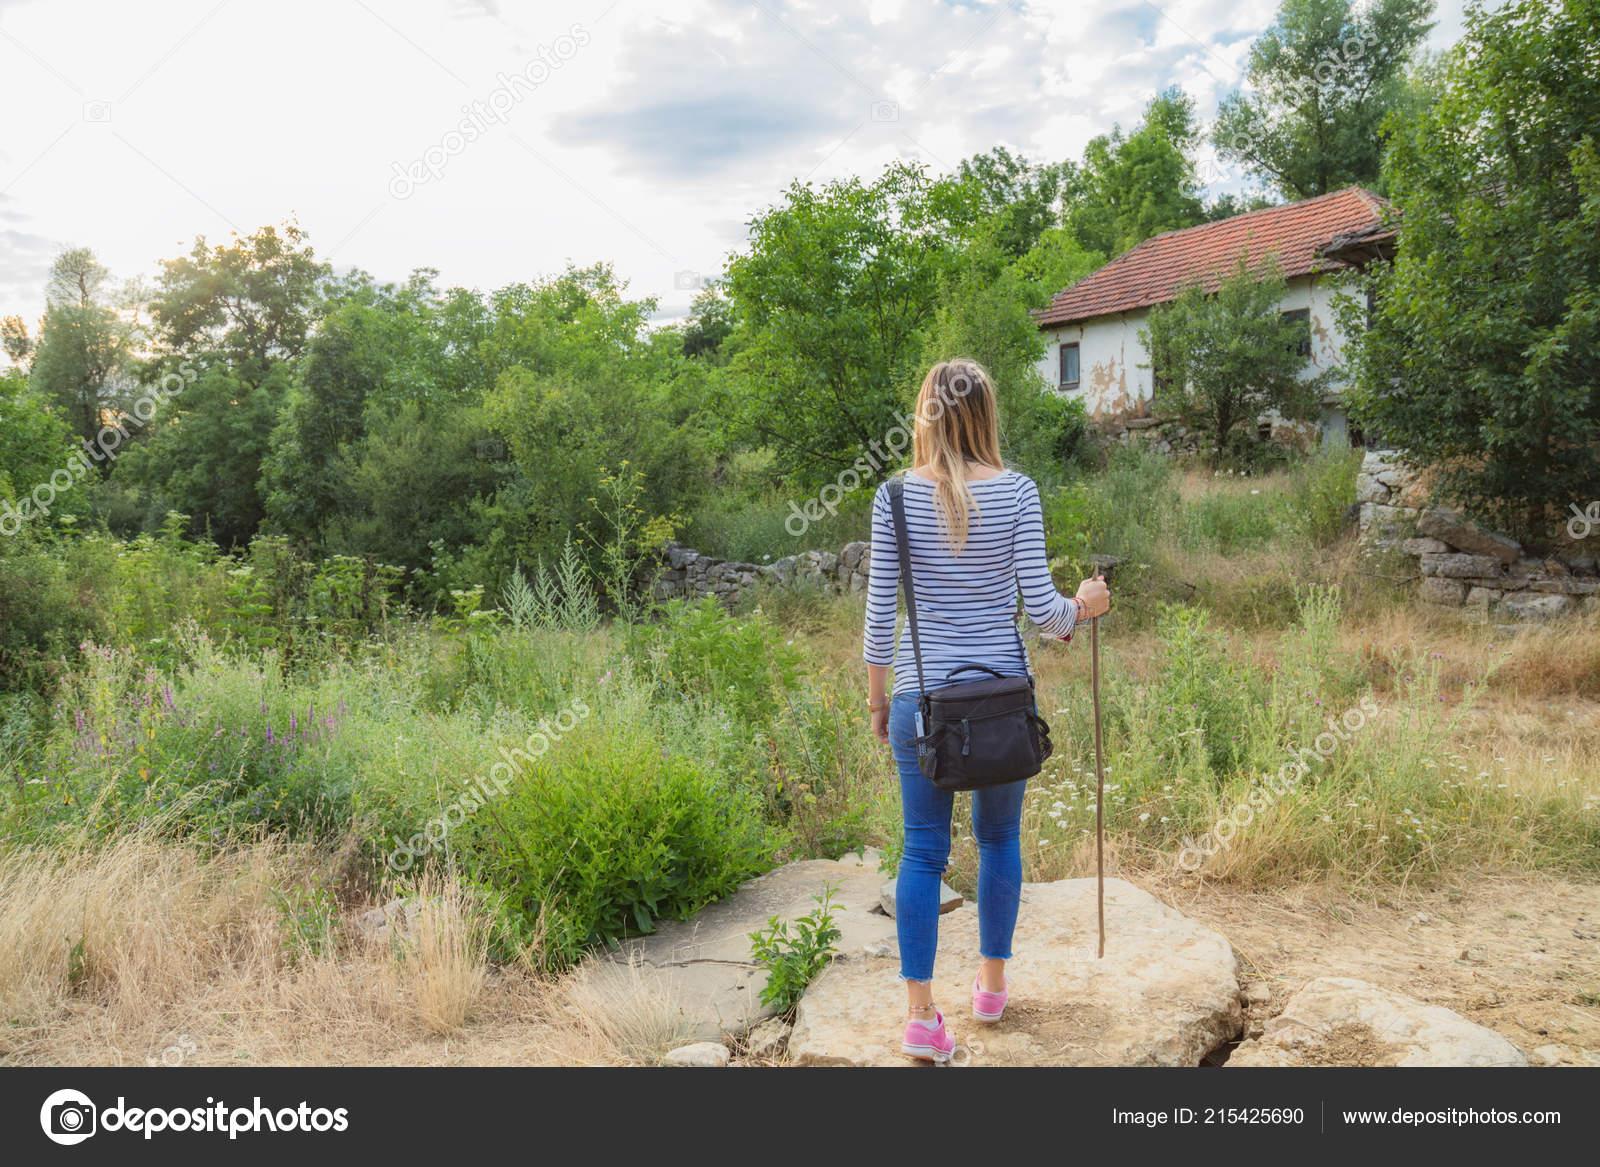 Фото на природе в деревне девушки